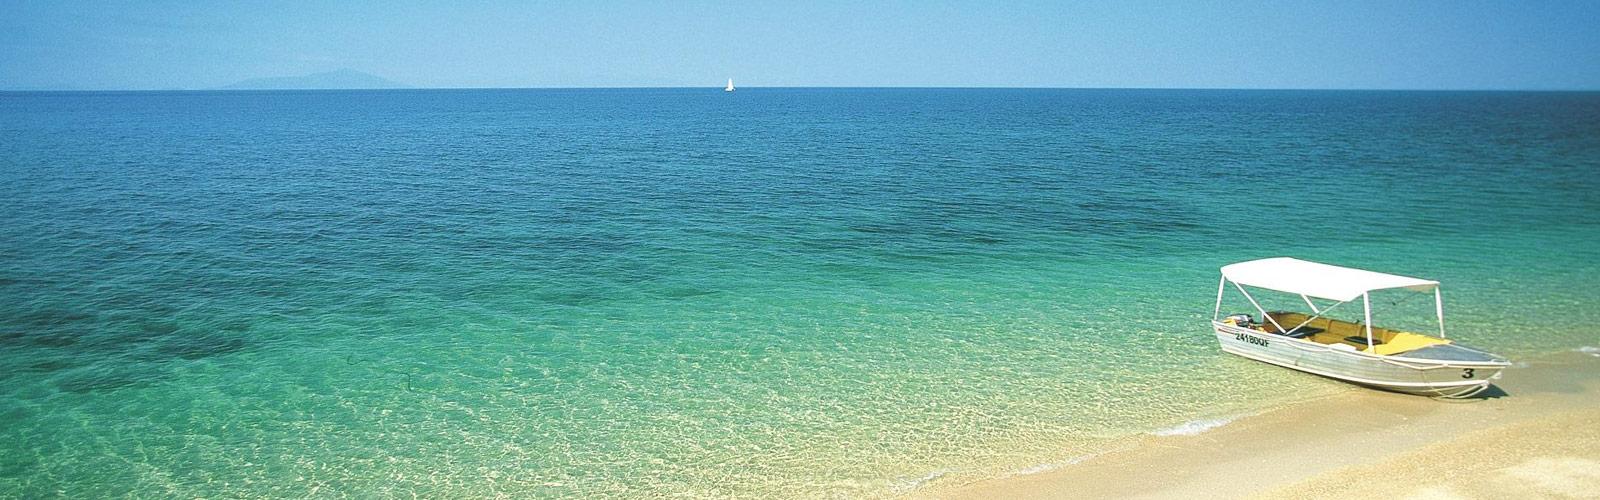 Bedarra Island, Great Barrier Reef